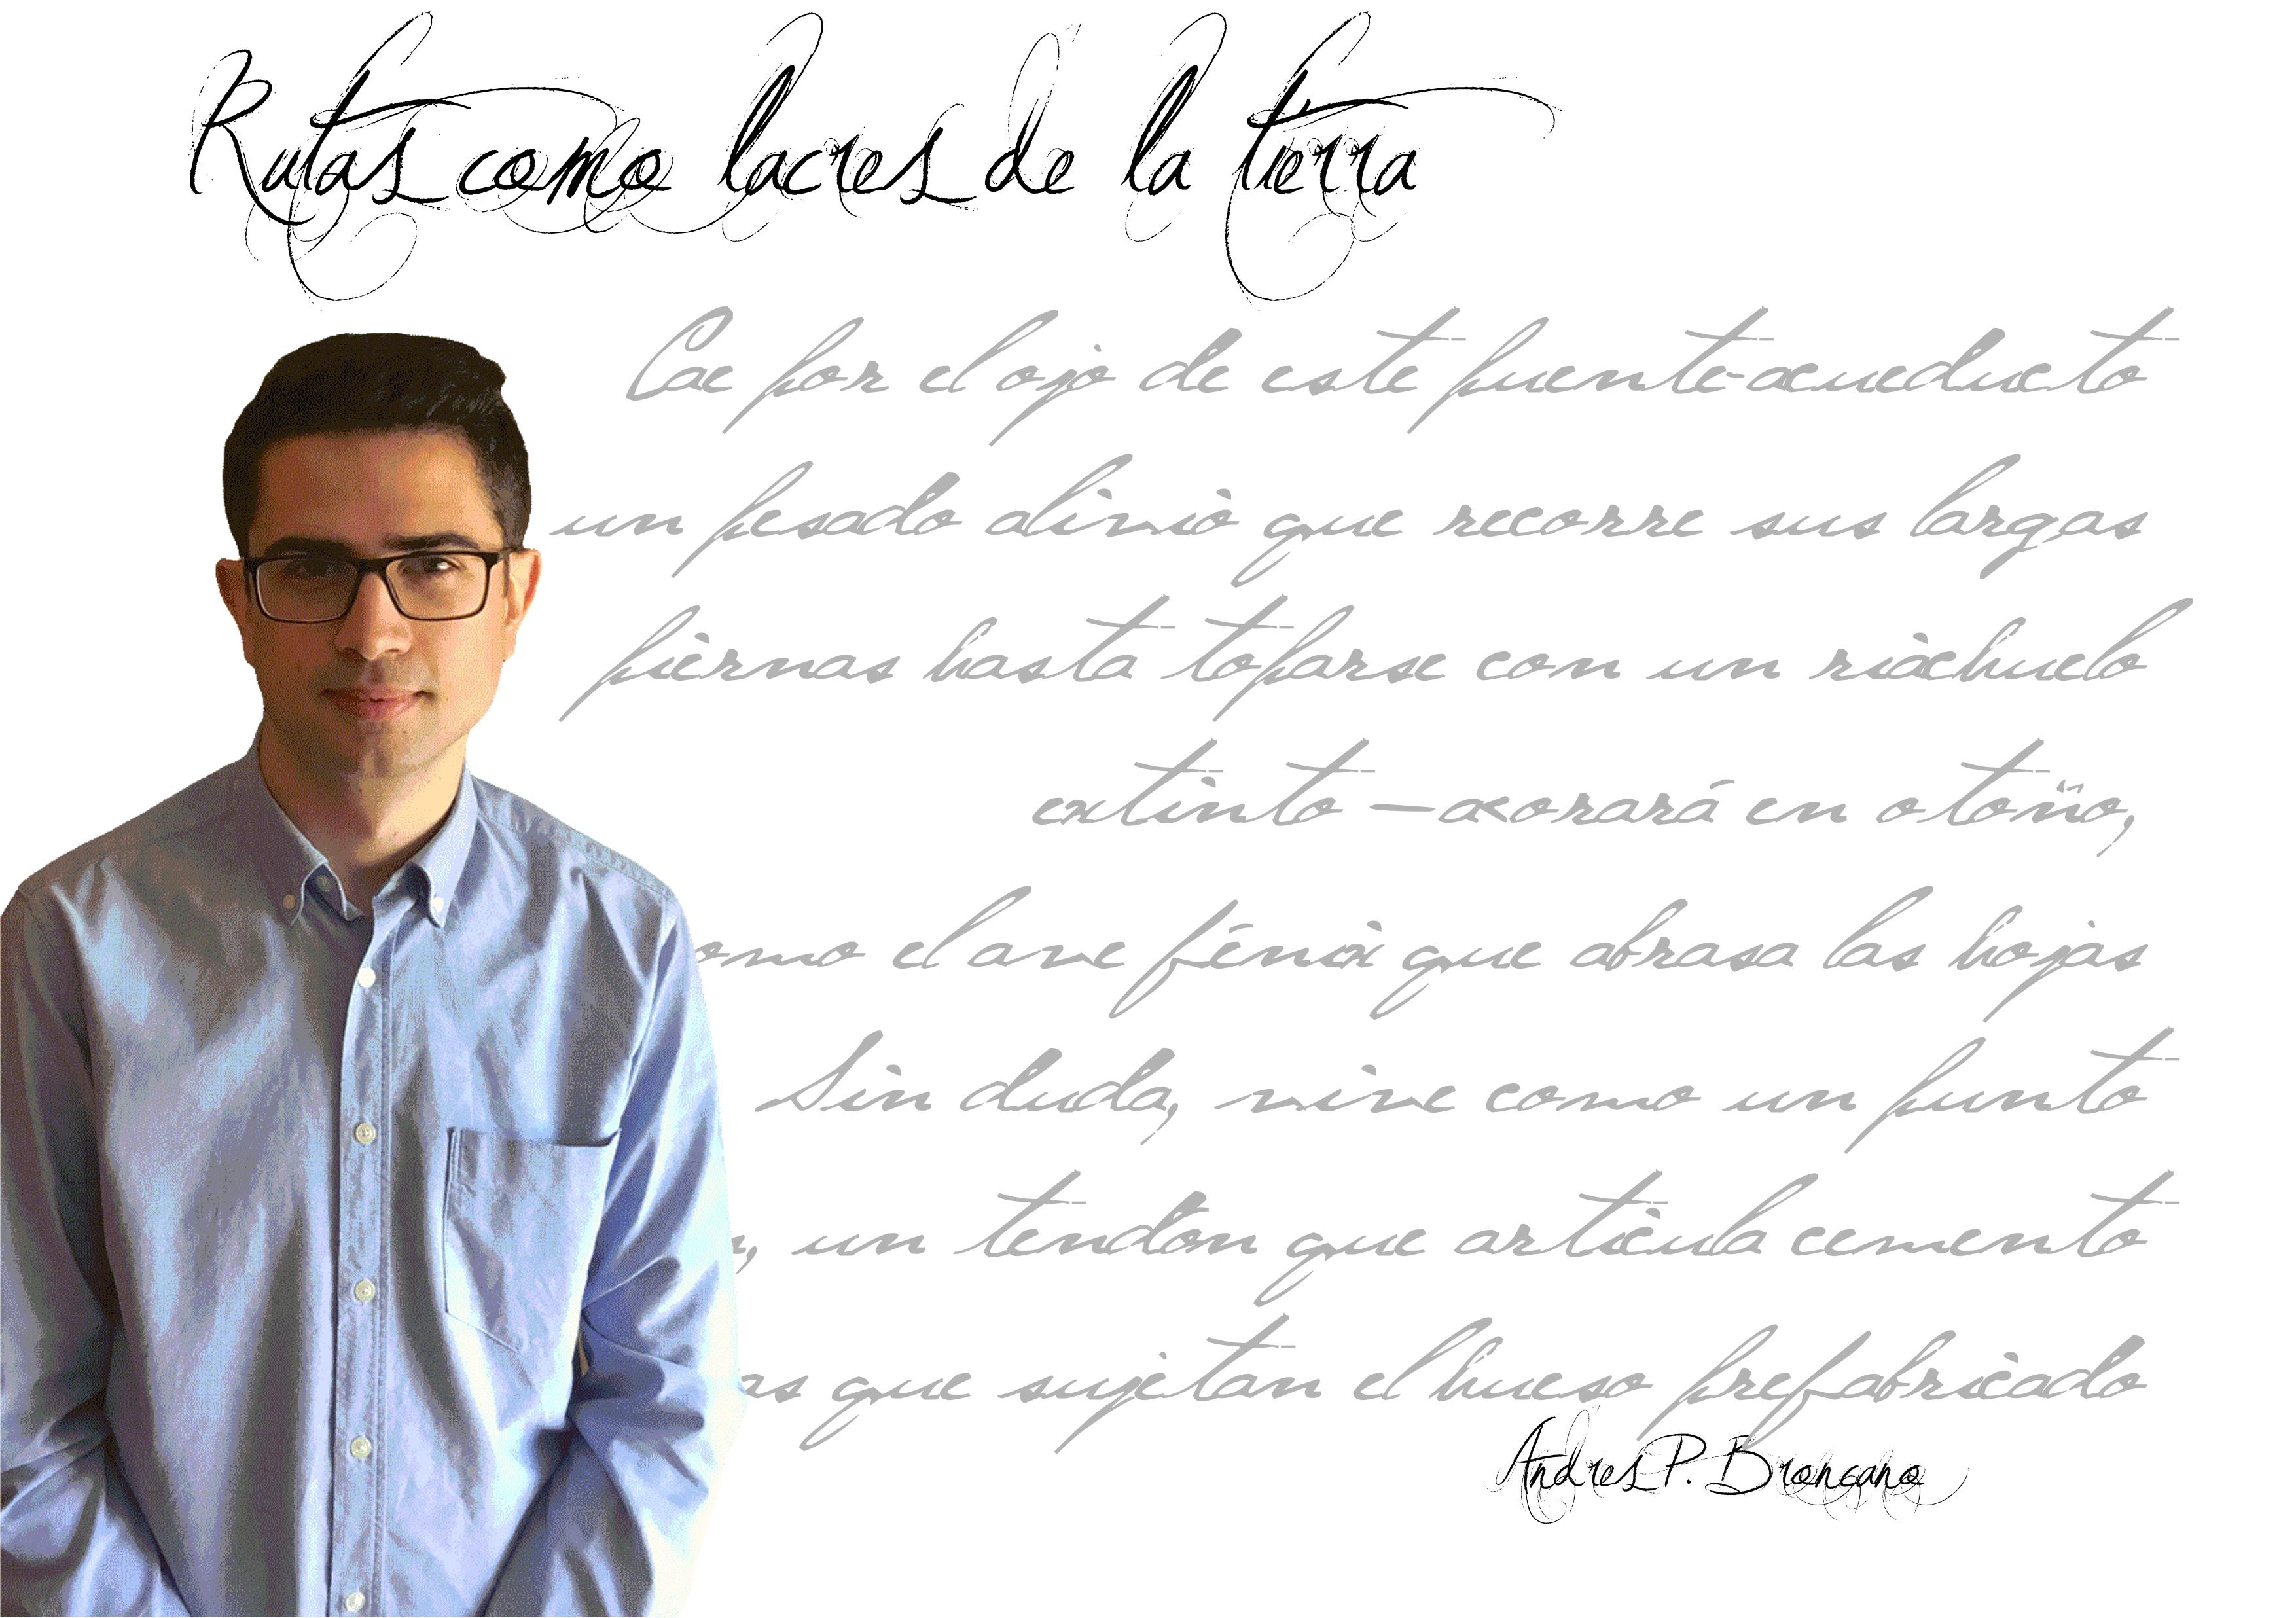 """Photo ofAndres P. Broncano andres p. broncano - EntrevistaaAndresPBroncano - Andrés P. Broncano: """"Un poema bien leído inspira y enseña mucho más que cien leídos con rapidez."""""""